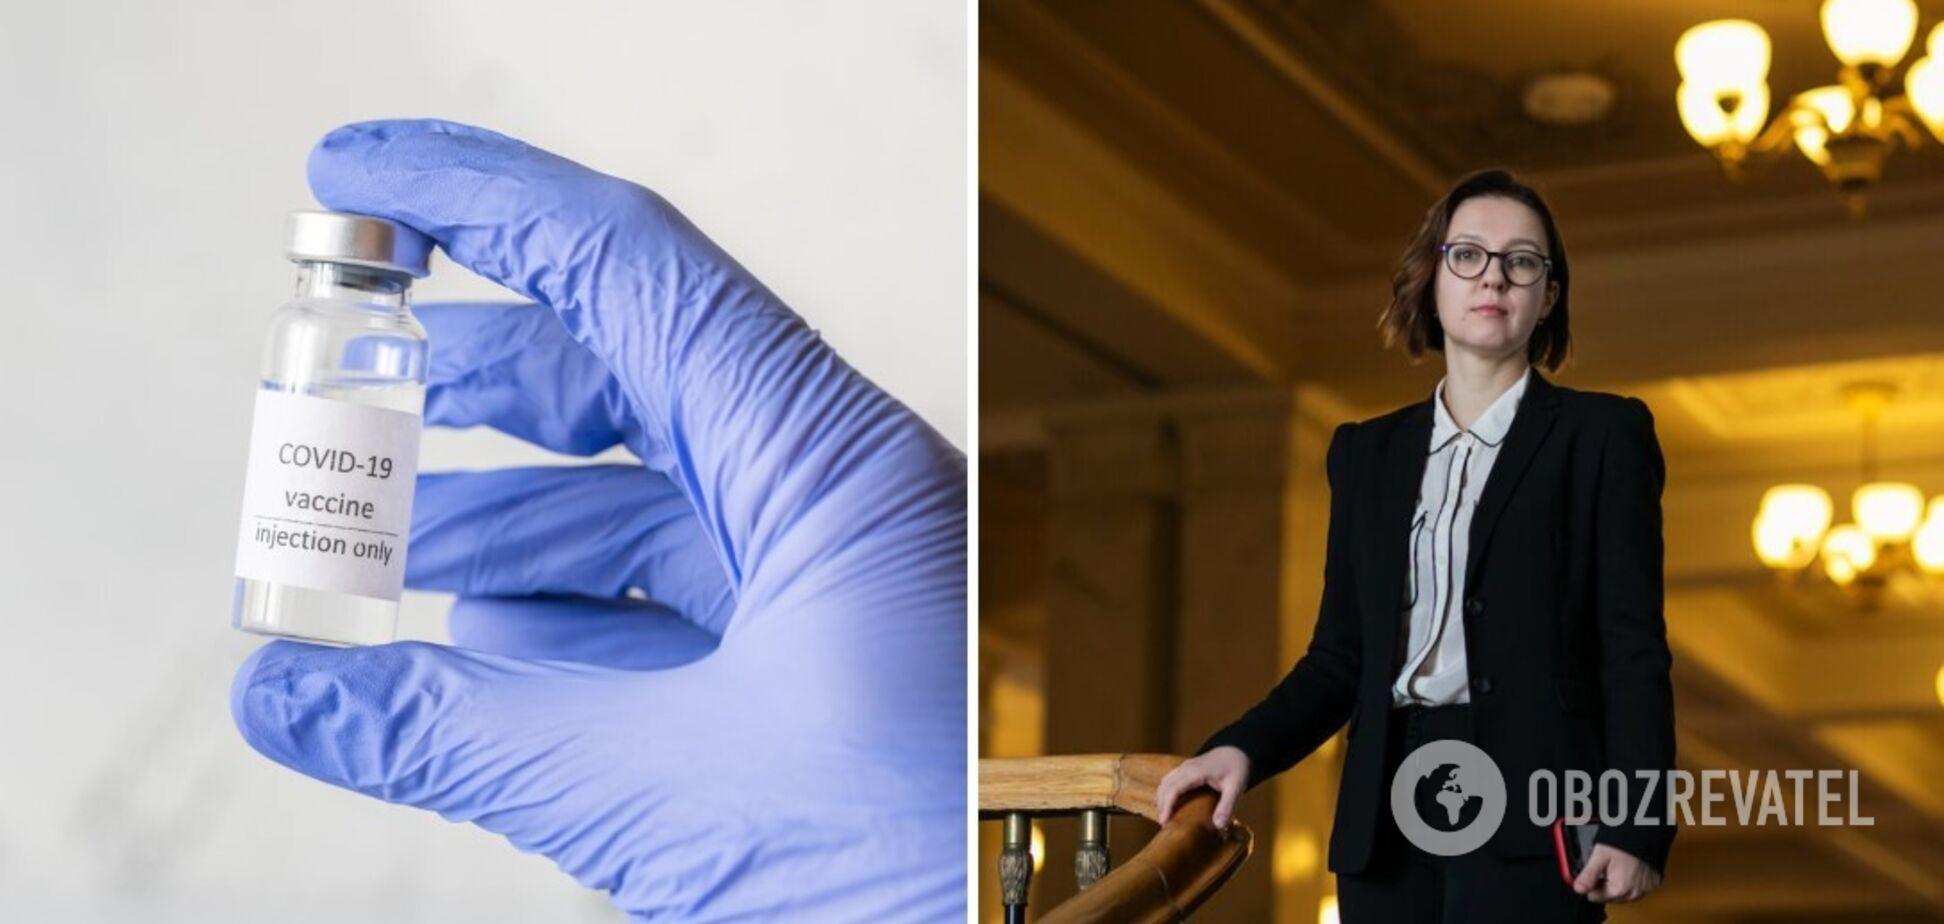 Совсун заявила, что инвестиции в вакцинацию от коронавируса признаны самыми выгодными для государств в современном мире